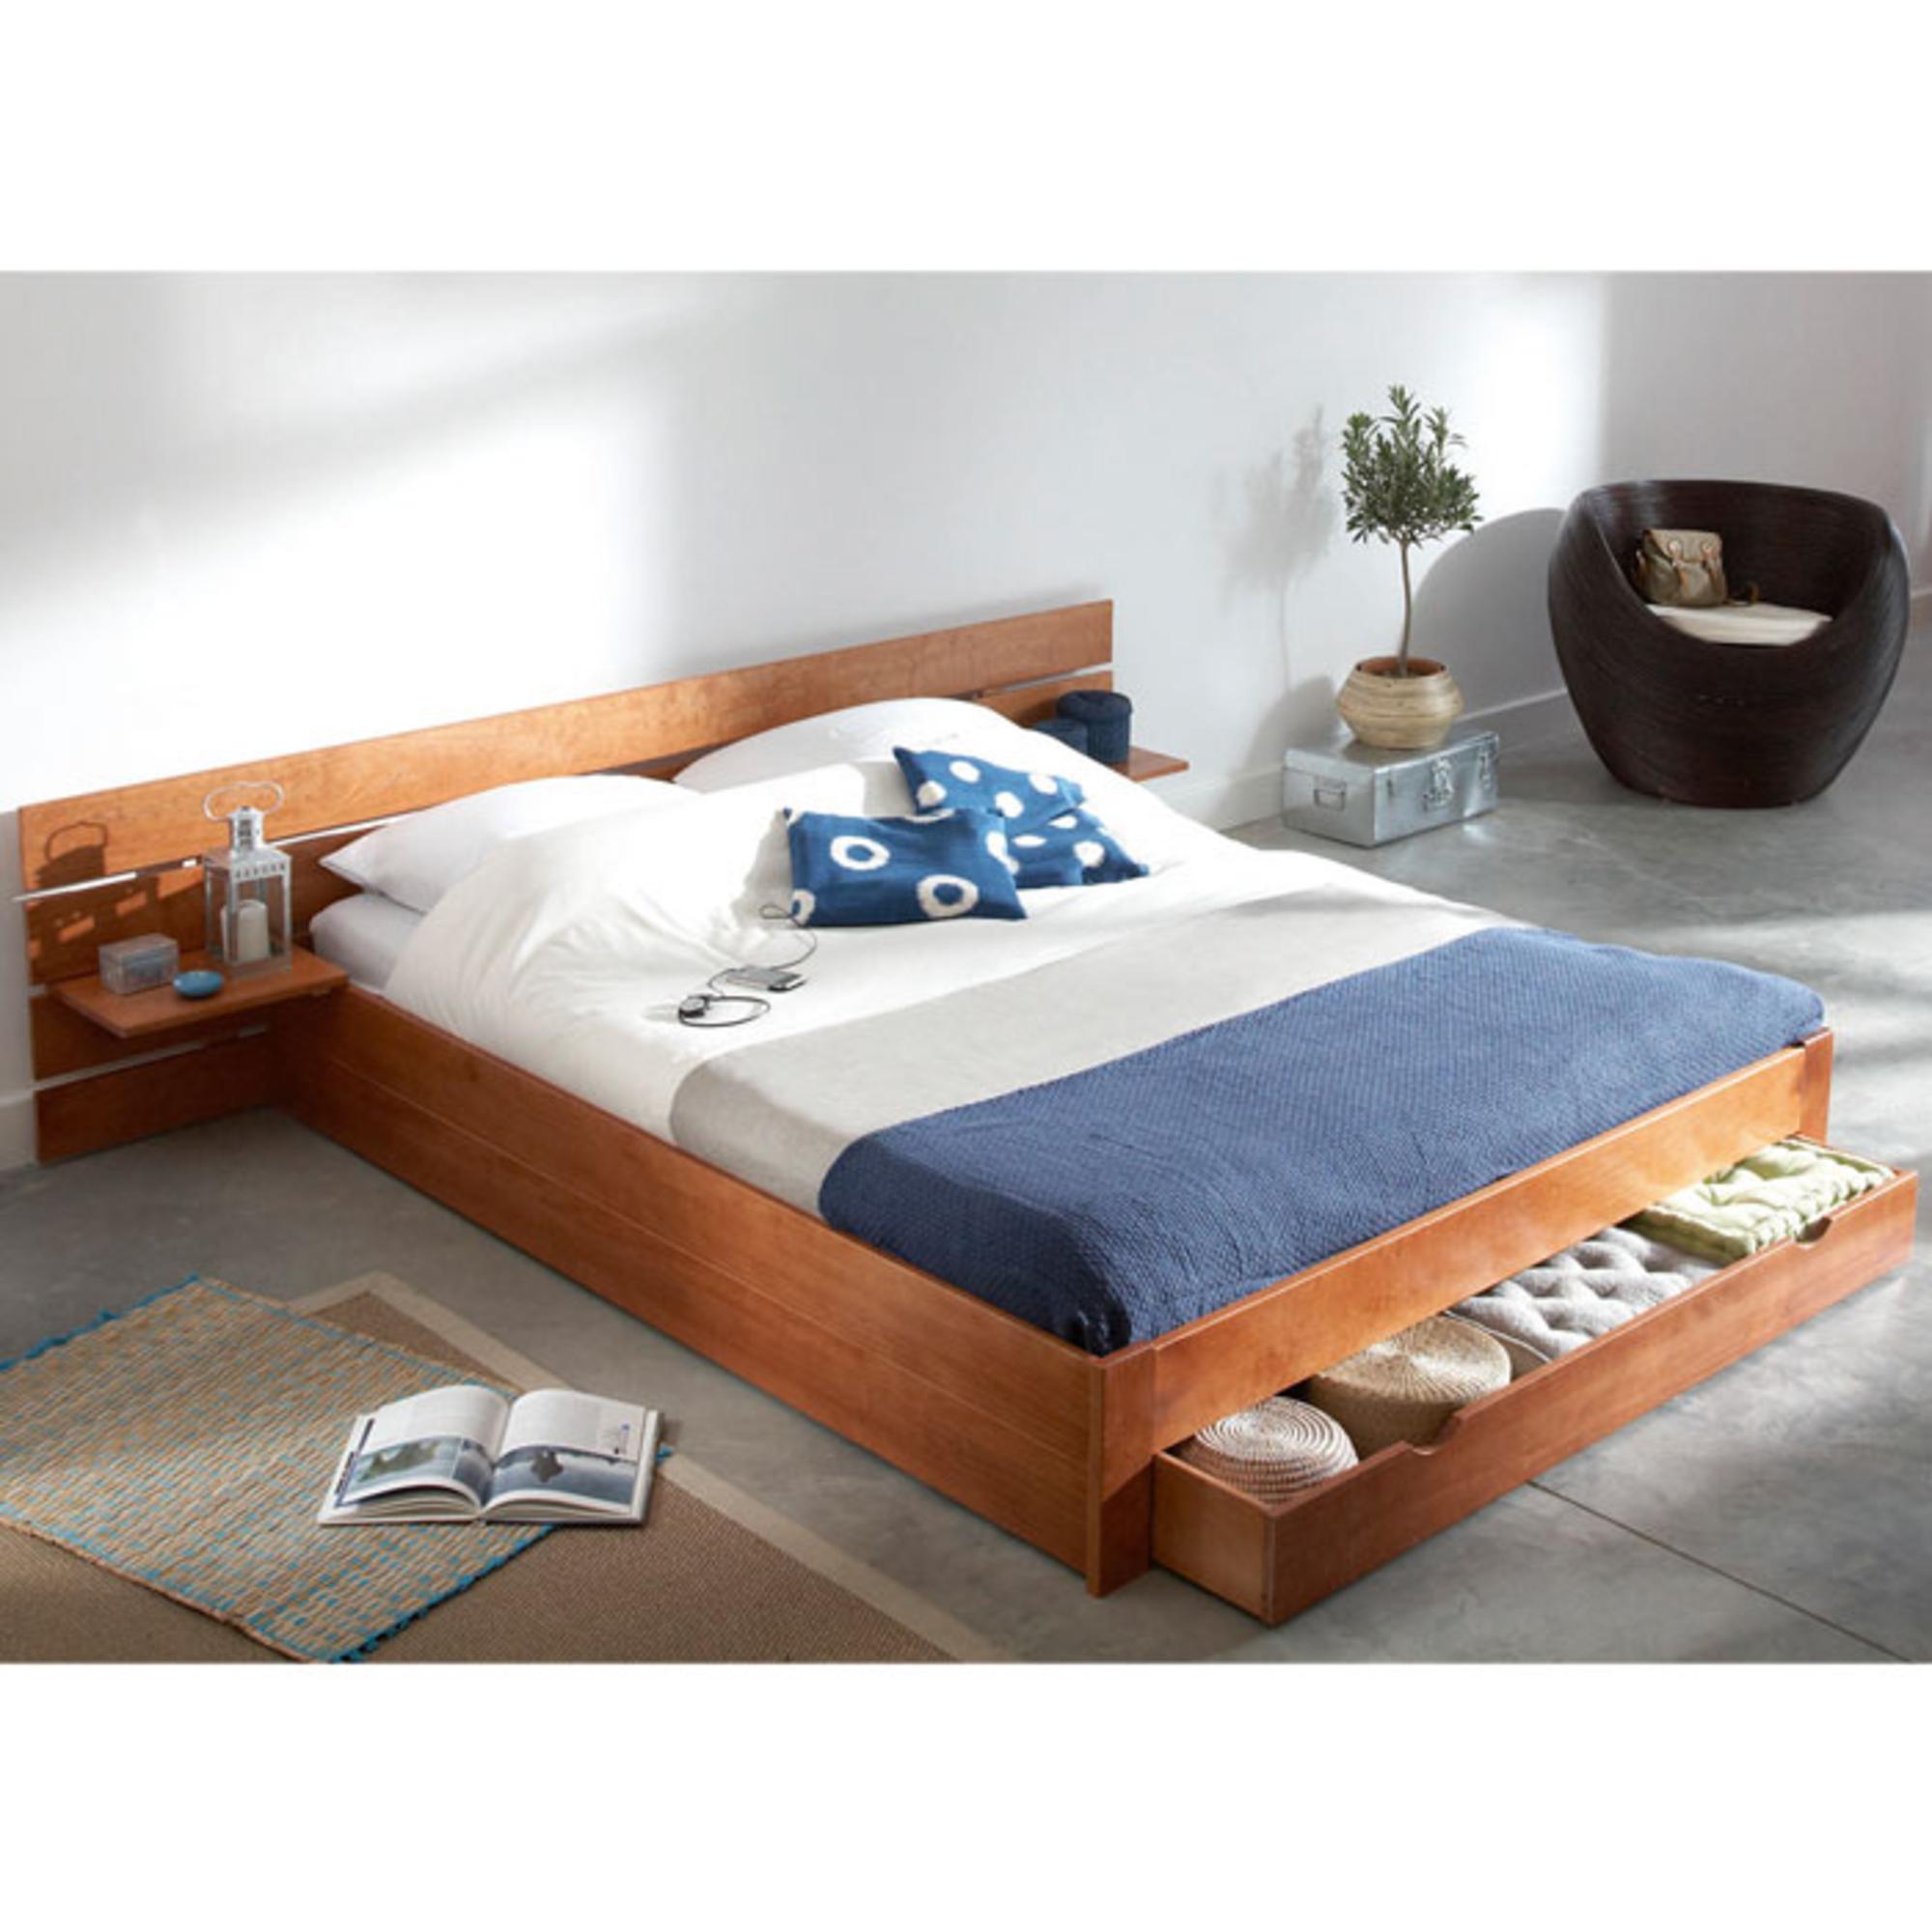 couvre lit maison valerie lit 2 personnes la maison de valerie couvre lit maison valerie